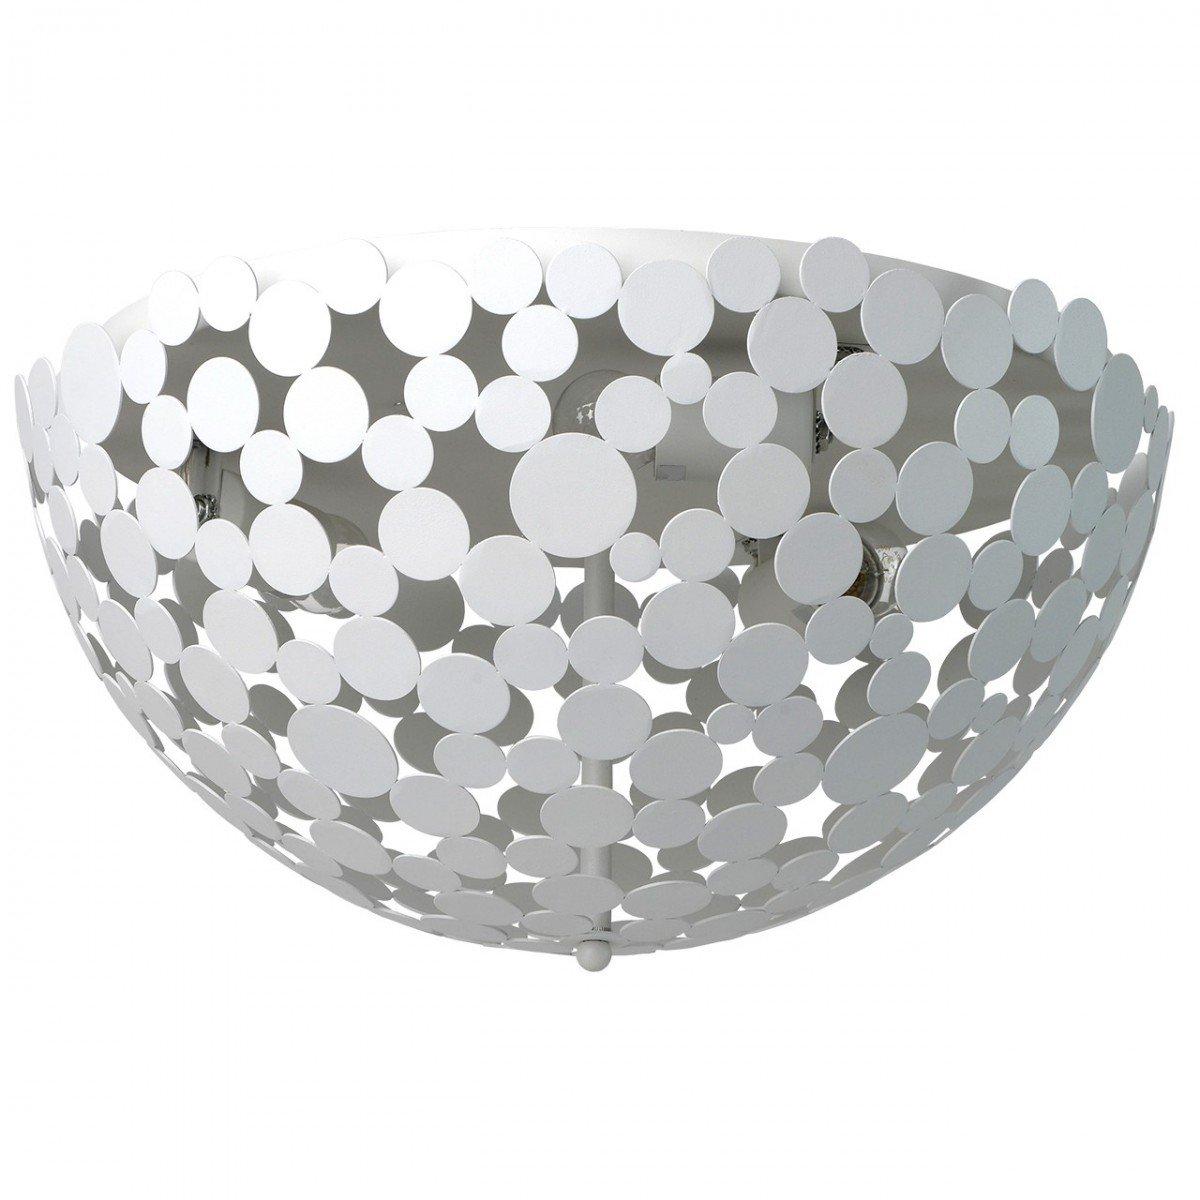 Deckenleuchte Deckenlampe Leuchte Megapolis Style, rund Ø 52 cm, Metall in Weiß, 3 x E27 max. 60 W